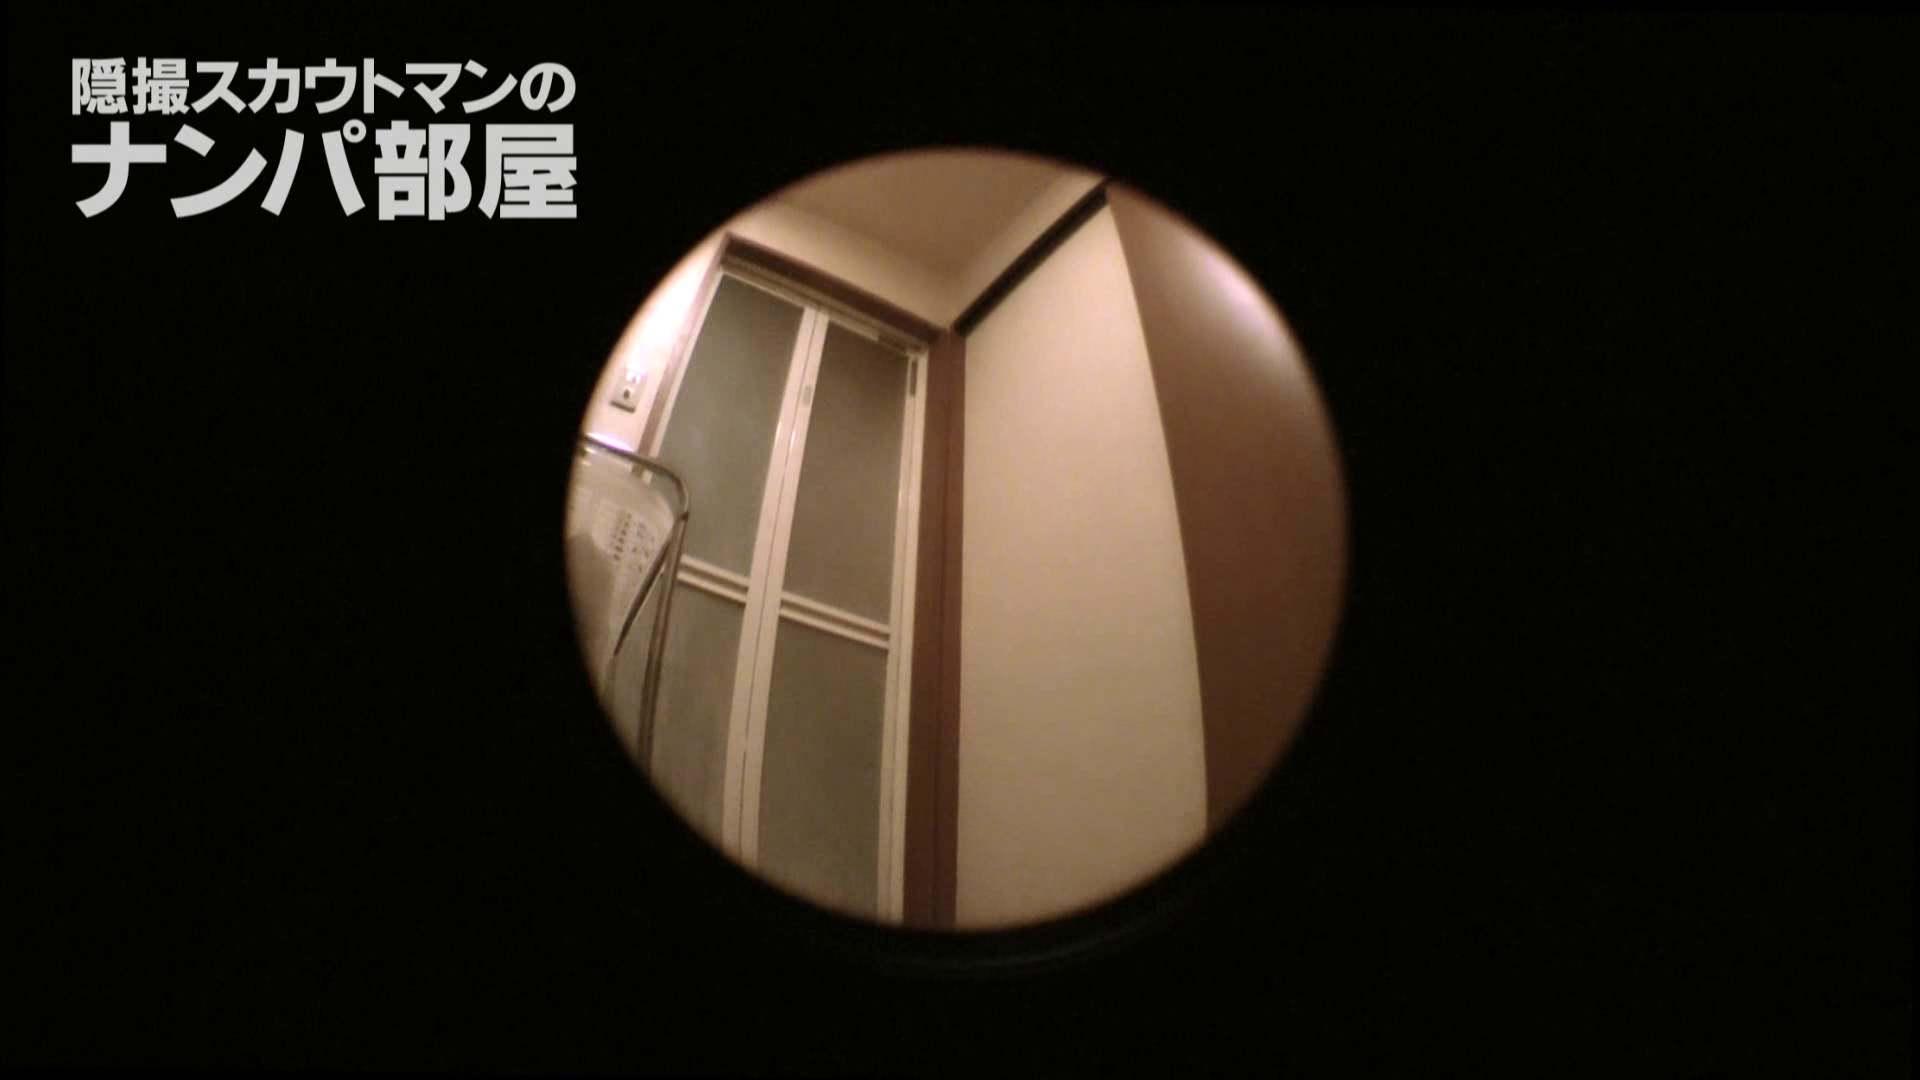 隠撮スカウトマンのナンパ部屋~風俗デビュー前のつまみ食い~ siivol.3 ナンパ  90連発 19